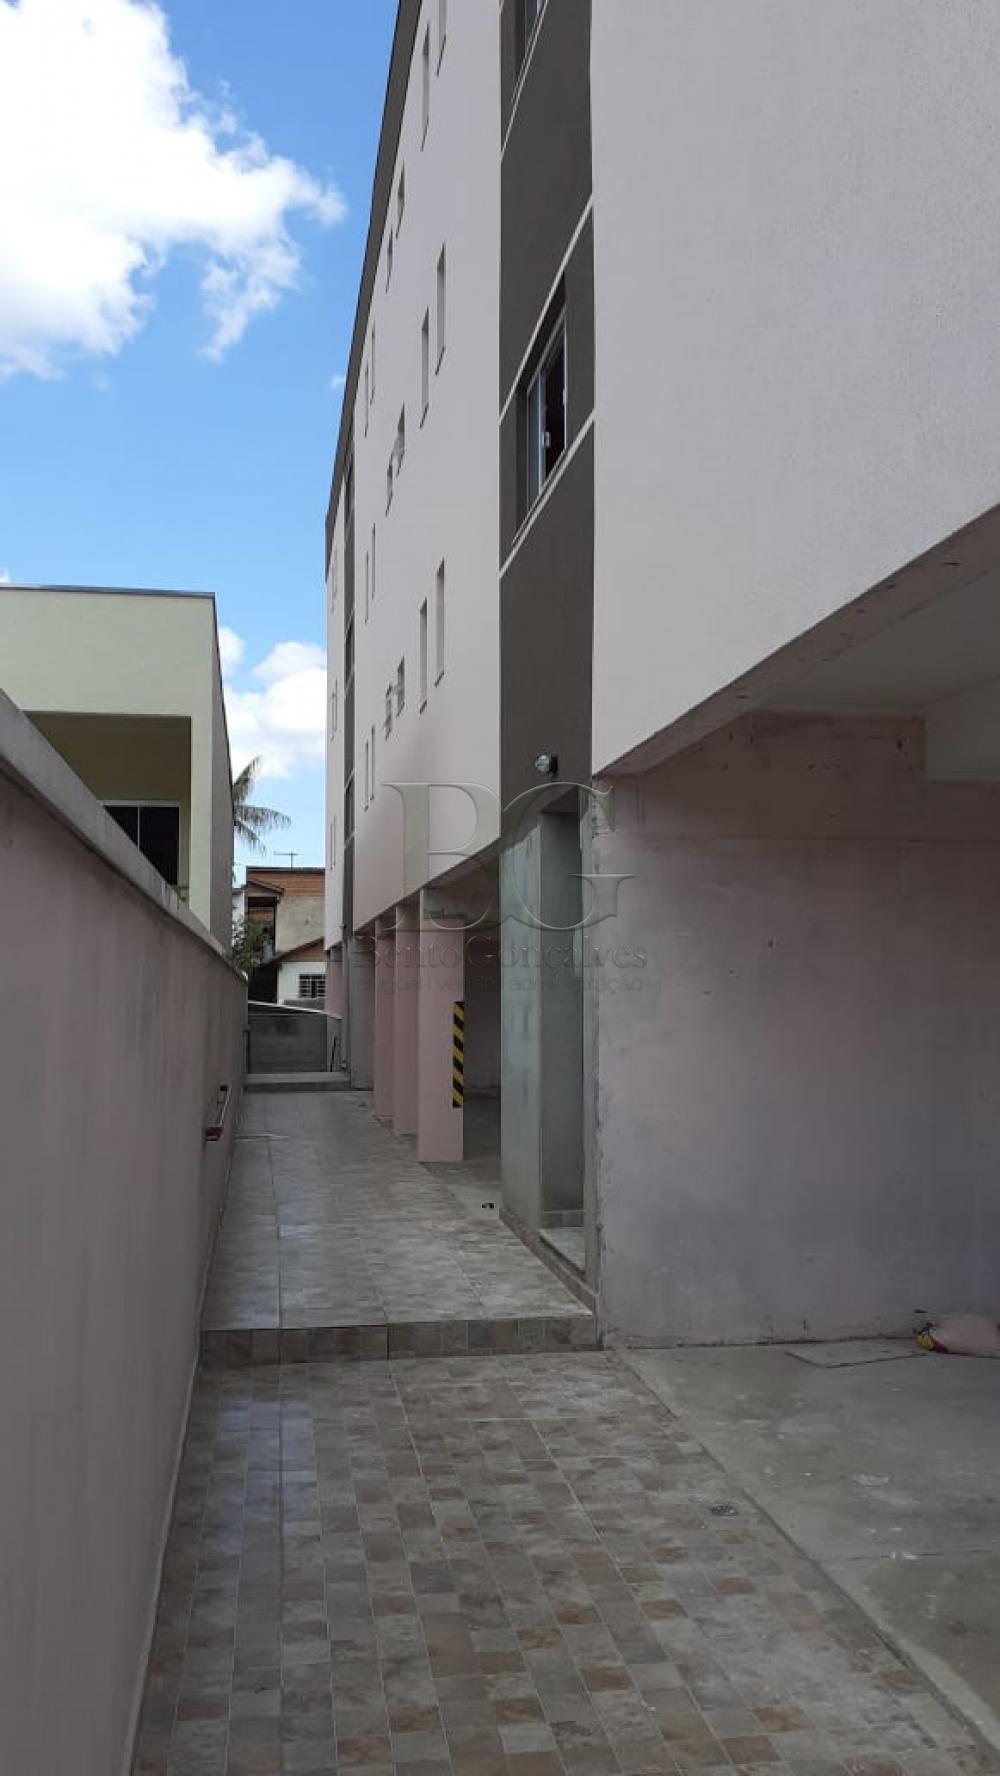 Comprar Apartamentos / Padrão em Poços de Caldas R$ 170.000,00 - Foto 3